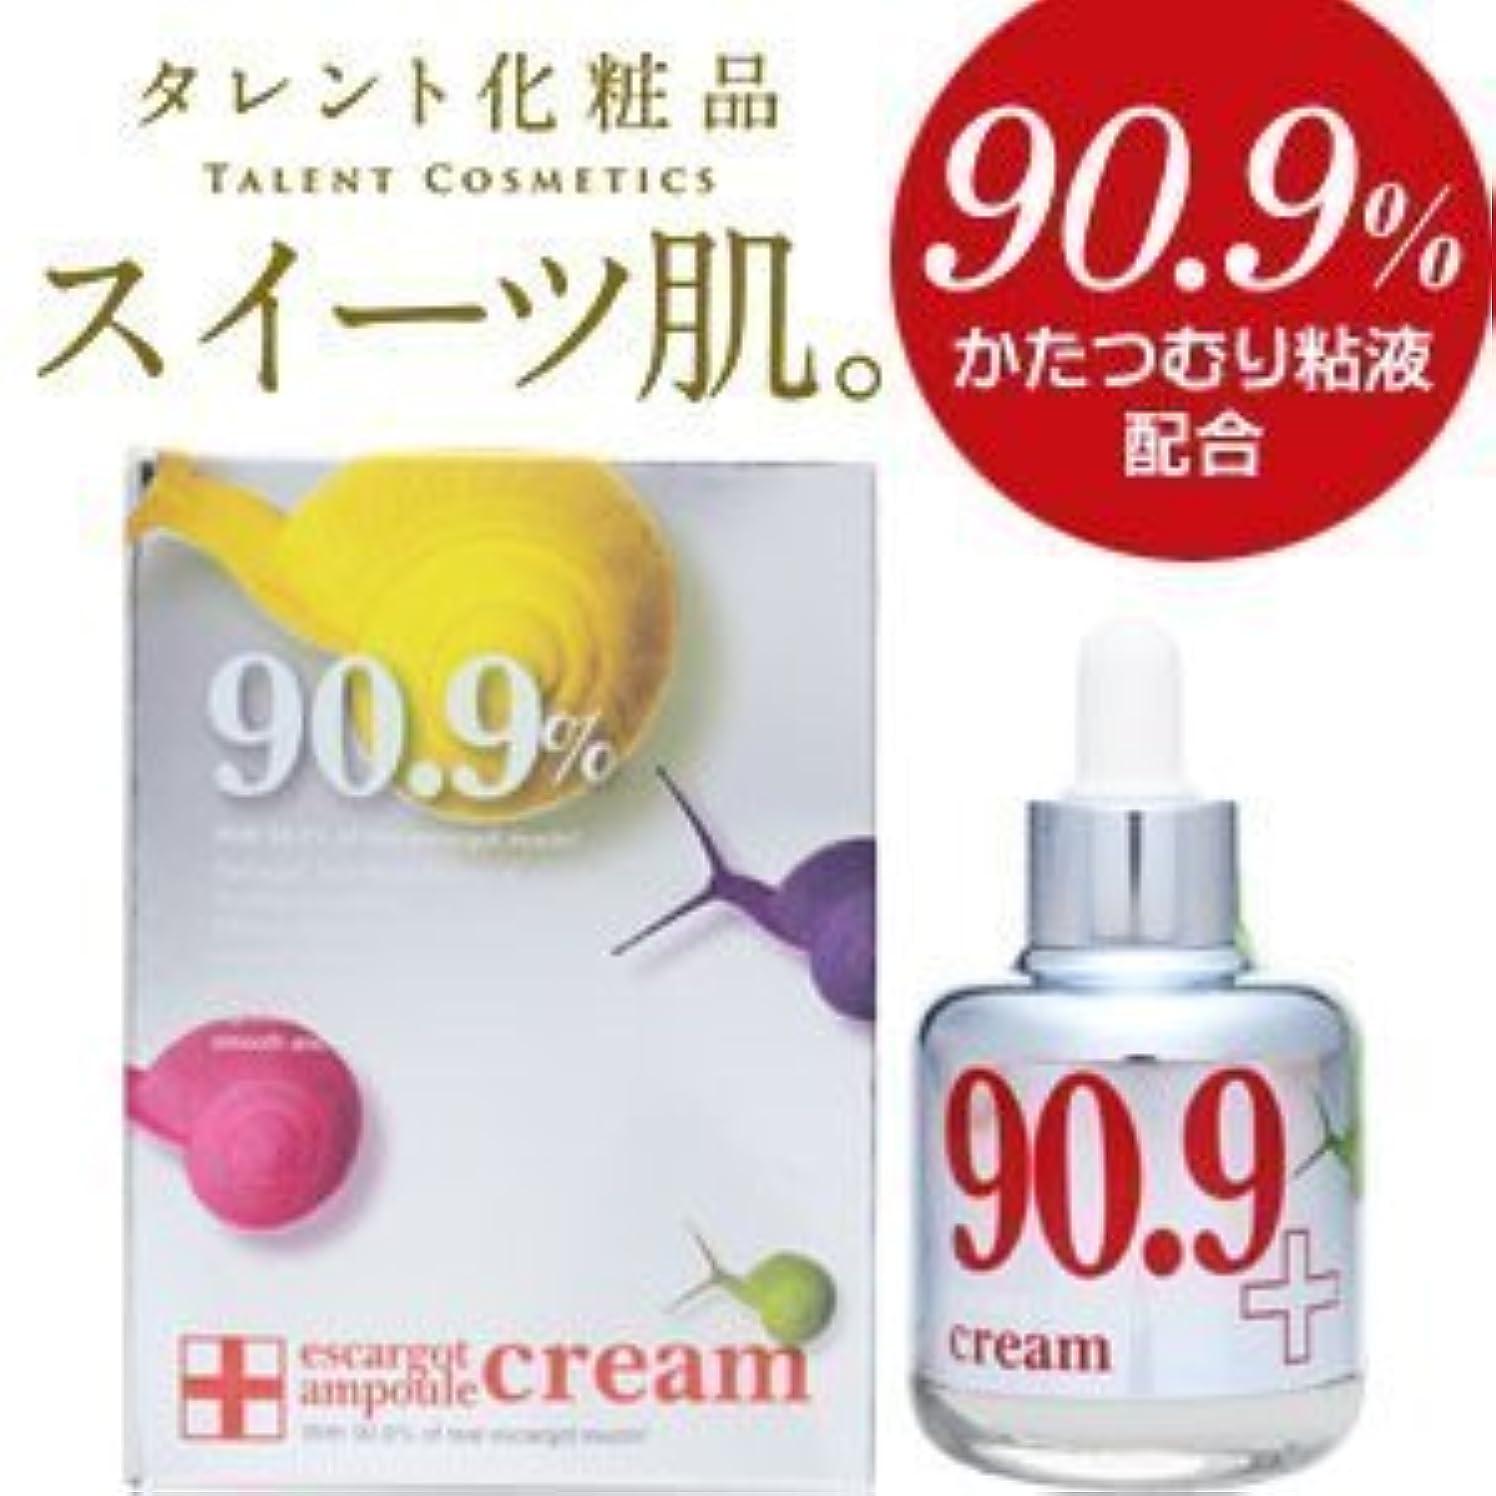 入植者艶破壊的【カタツムリクリーム】90.9%エスカルゴアンプルクリーム正規輸入品